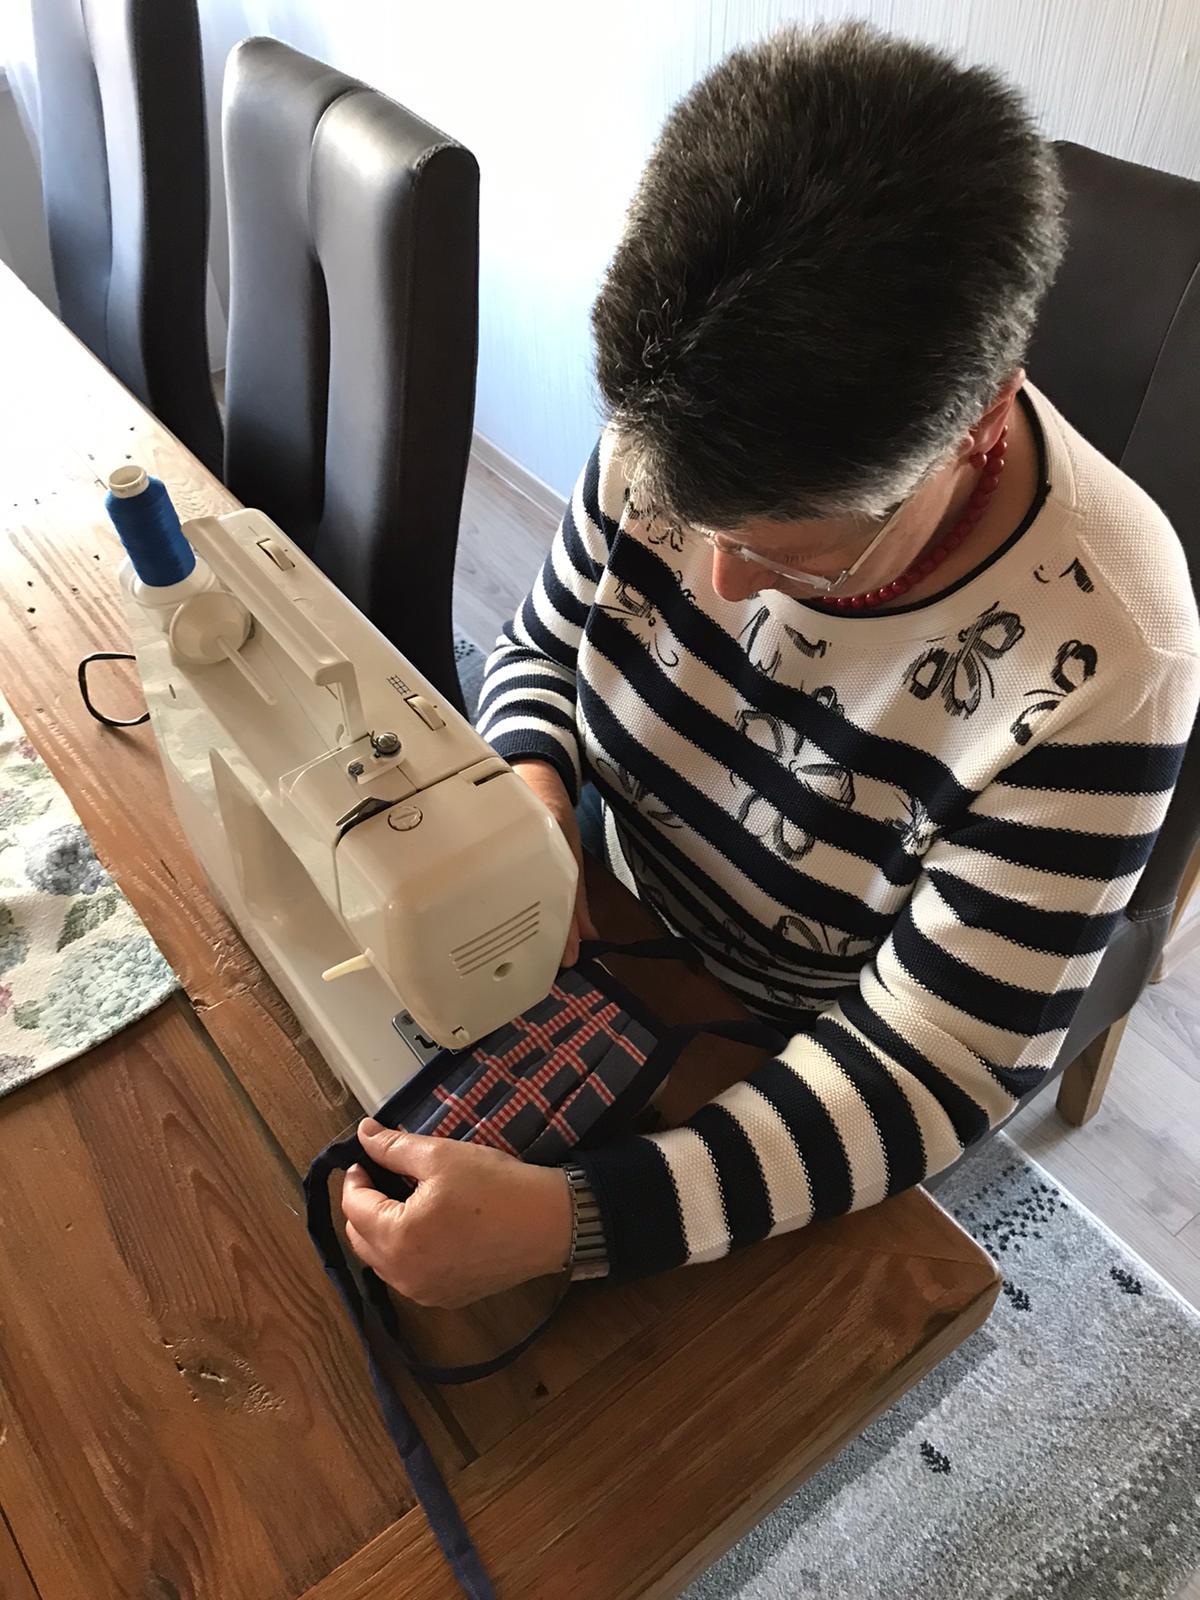 Schutzmasken: In Japan üblich – in Deutschland verpönt. Vorbildliche Grafschafter Initiative hilft in der Krise